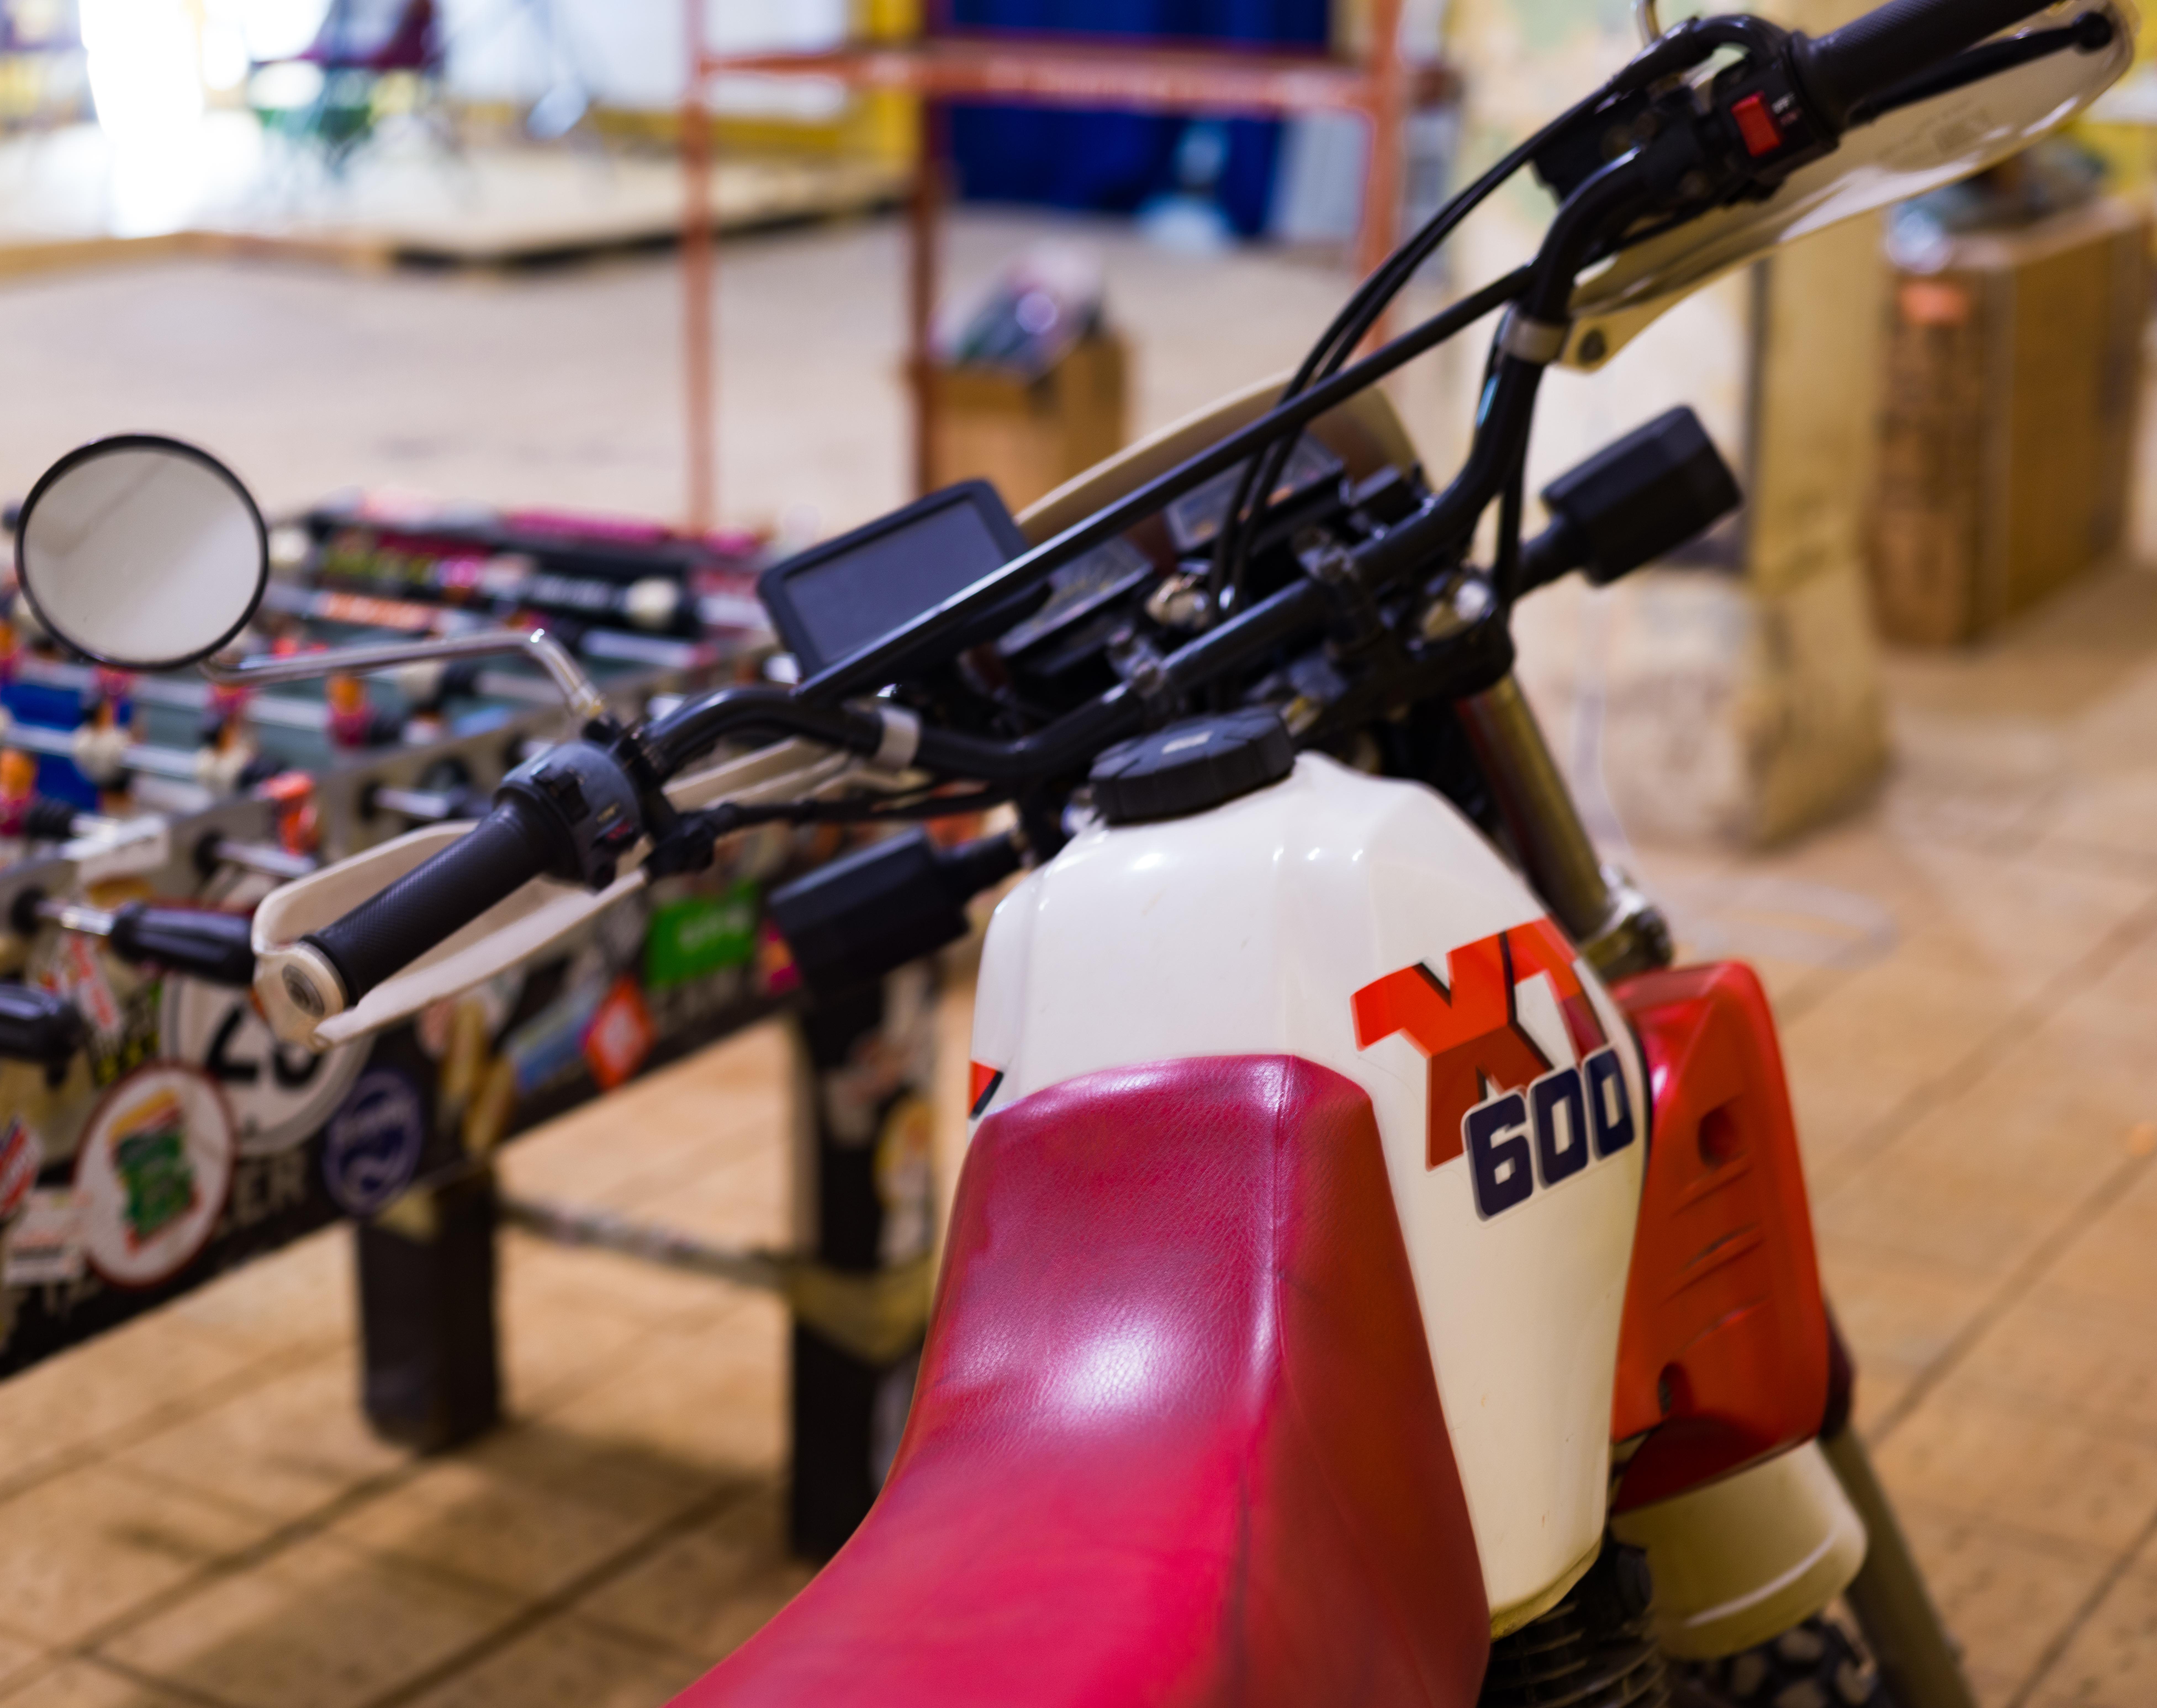 XT 600, Enduro, Yamaha